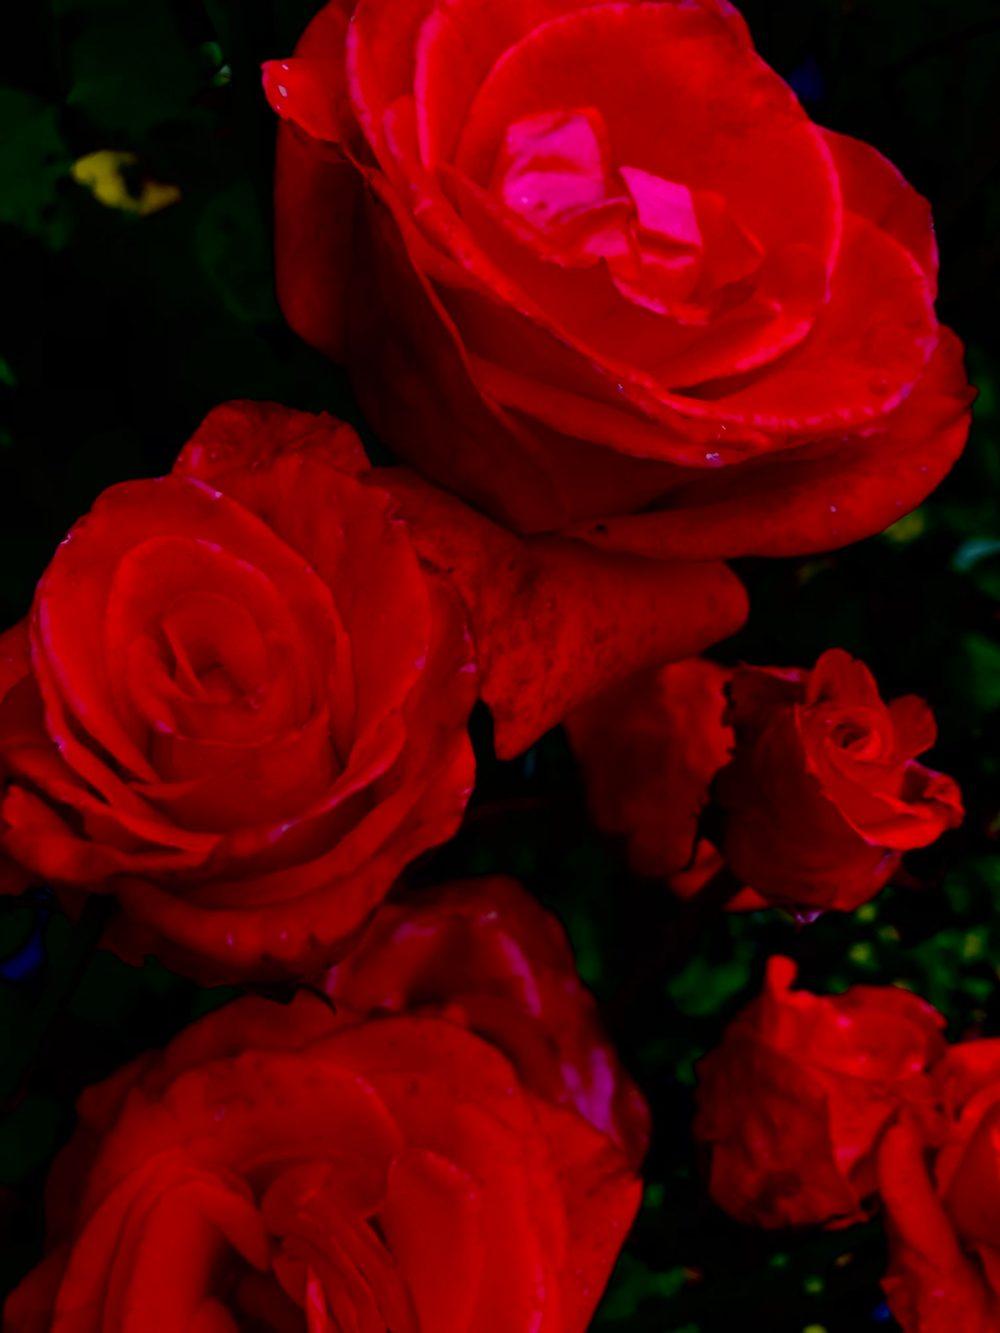 Fünf rote Rosen im Dunkeln